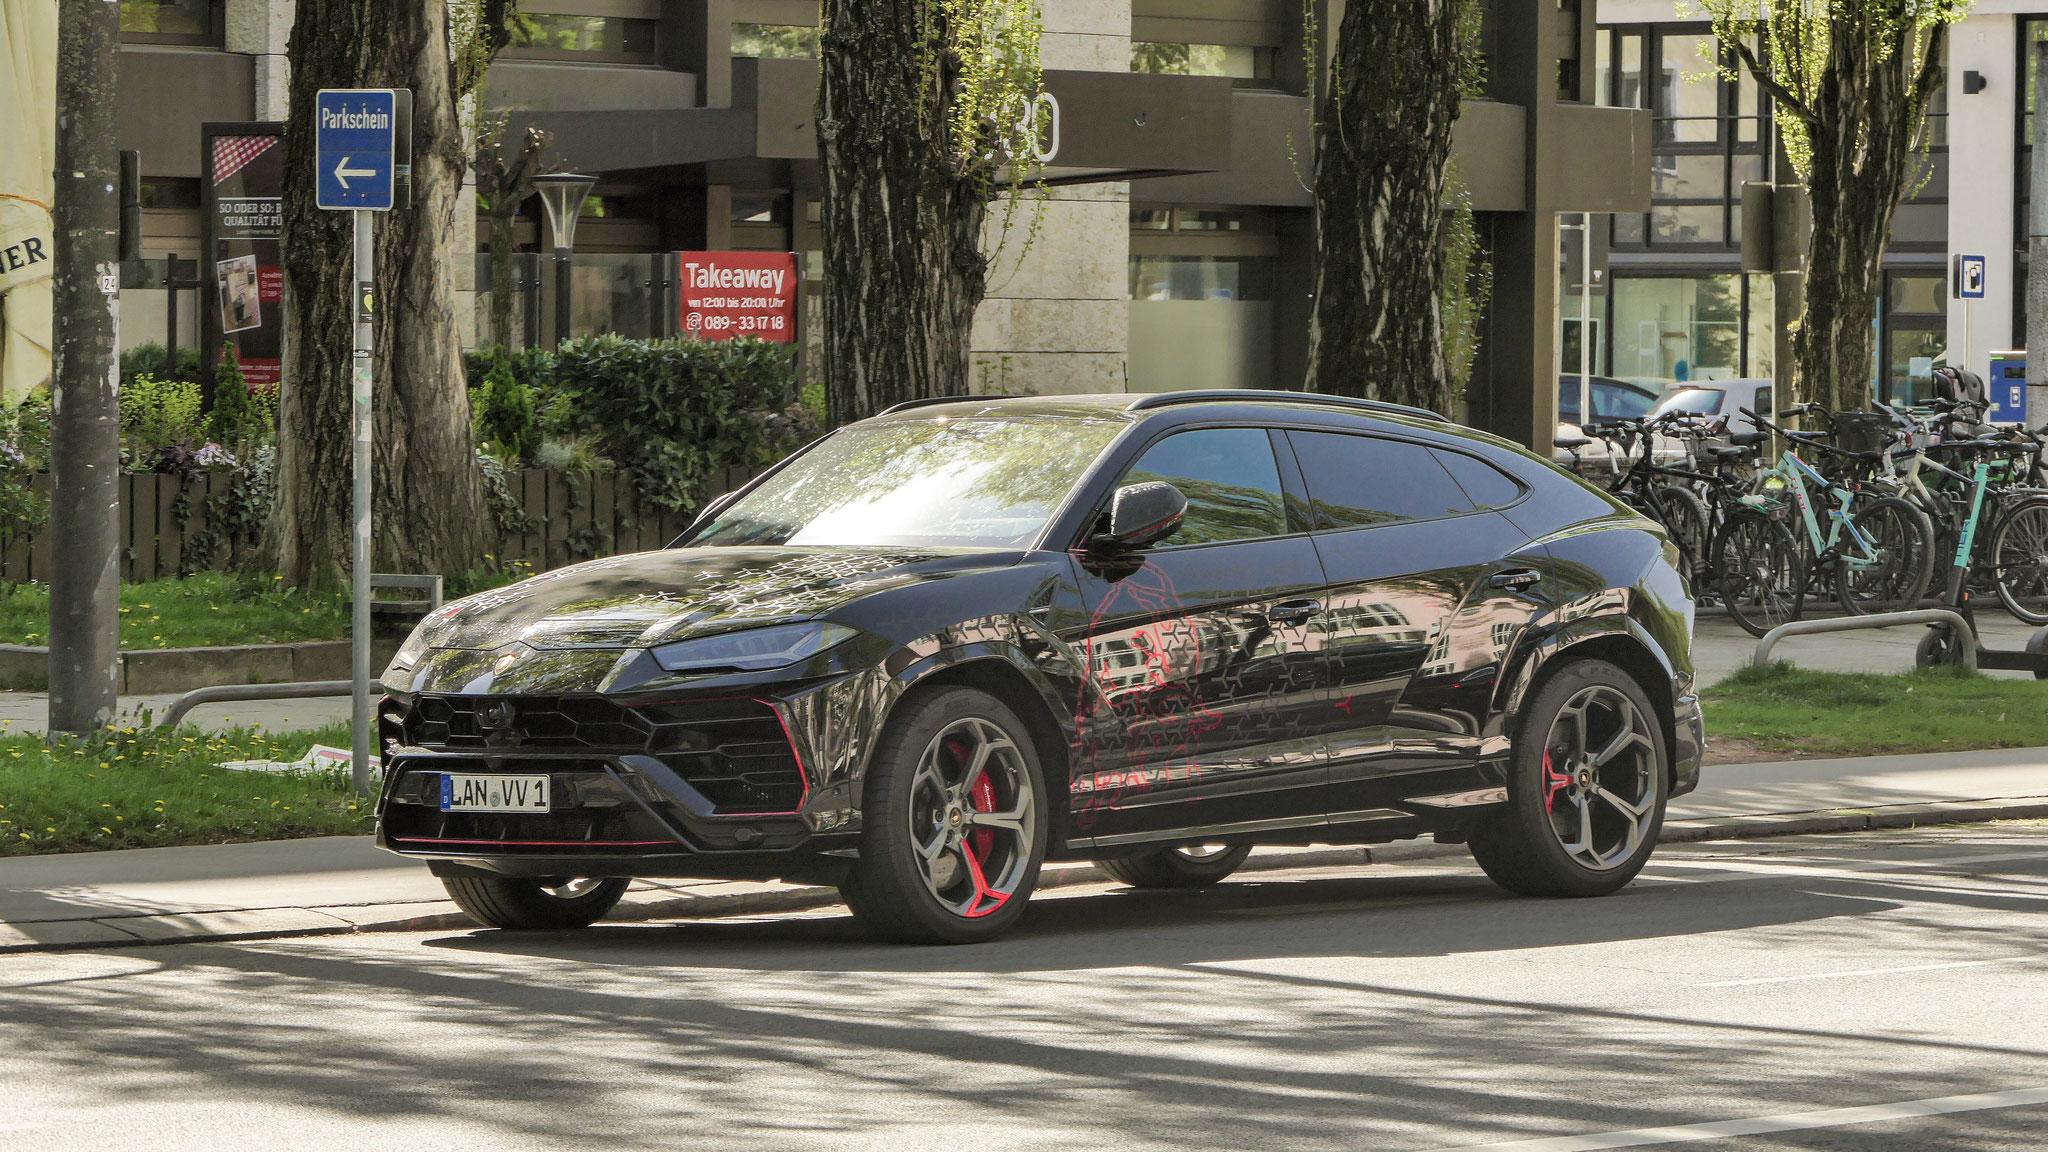 Lamborghini Urus - LAN-VV-1